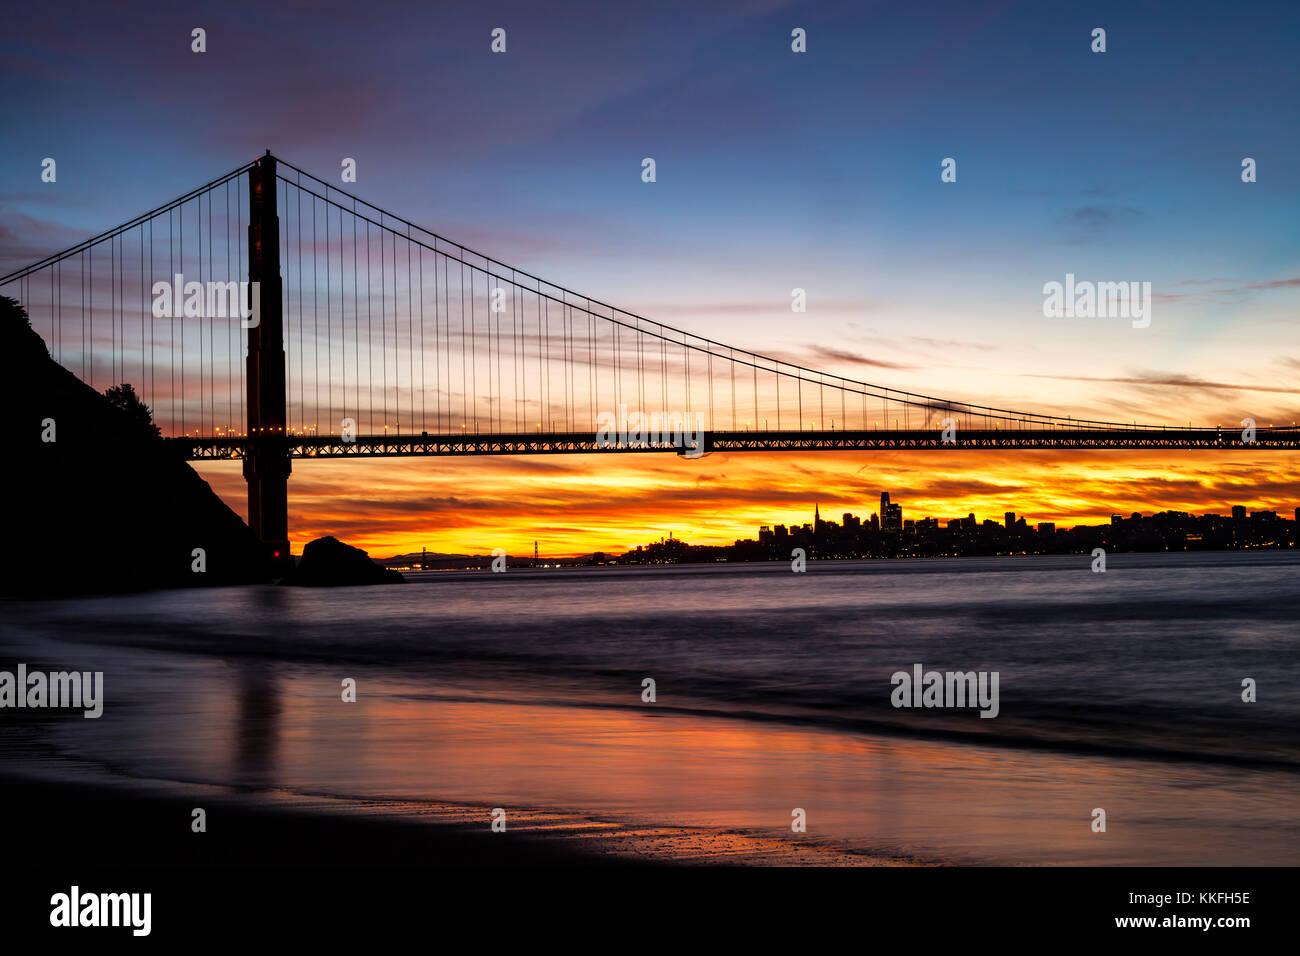 Torre Nord del Golden Gate Bridge in alba ore con il Bay Bridge e San Francisco in background. Immagini Stock